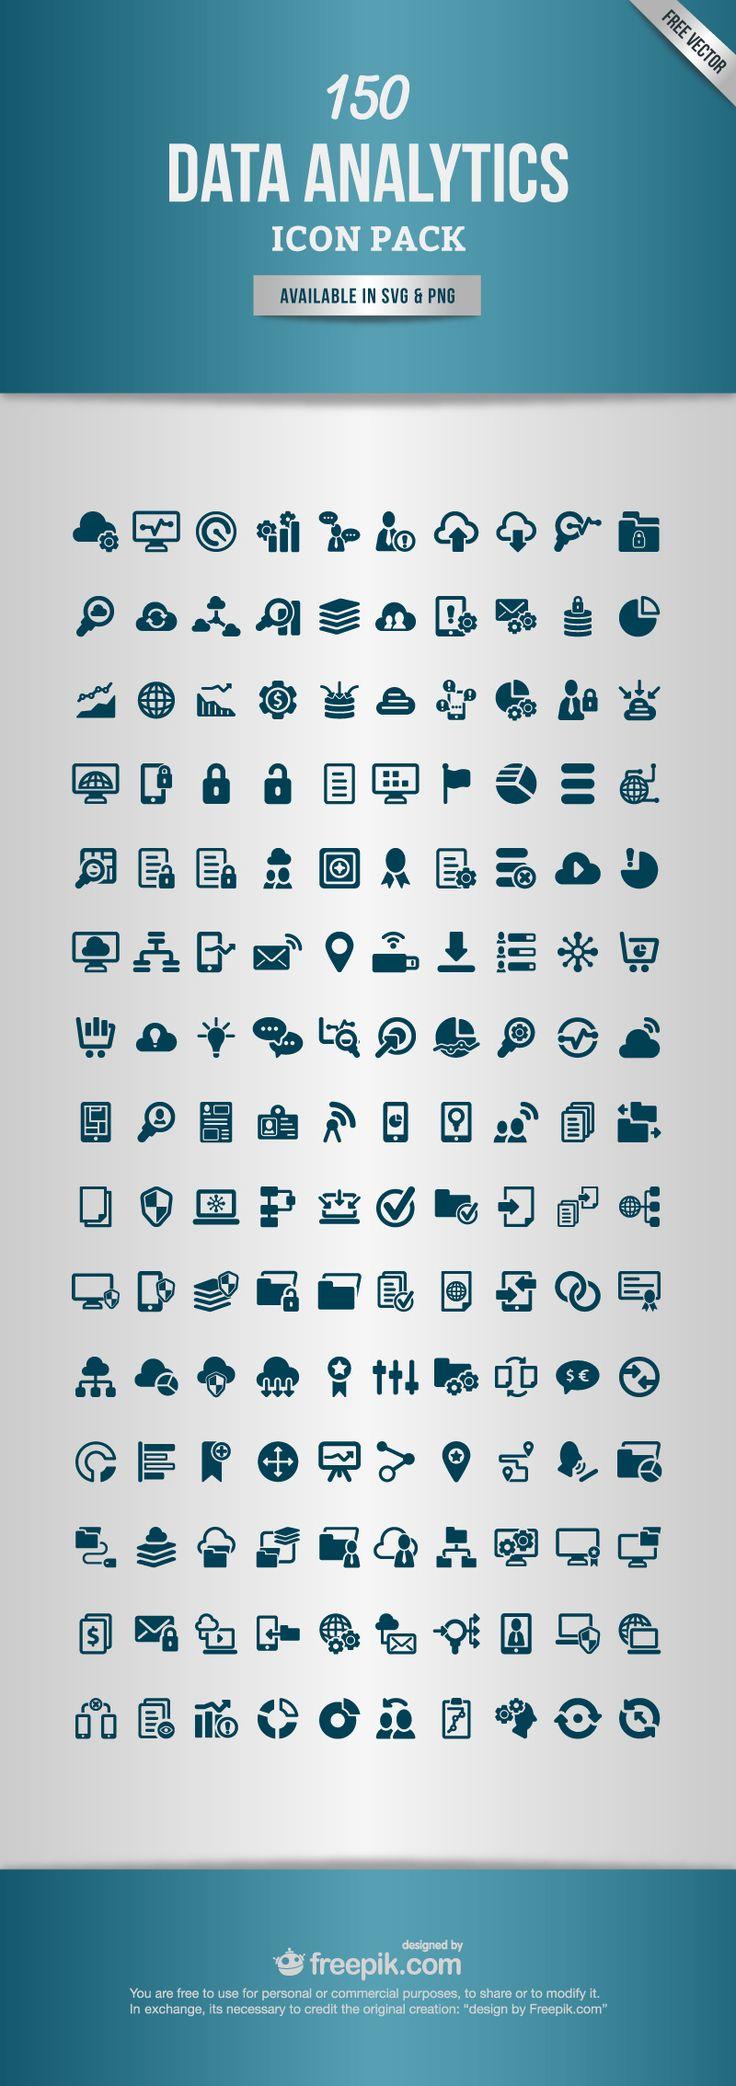 150 Free Data Analytics Icons